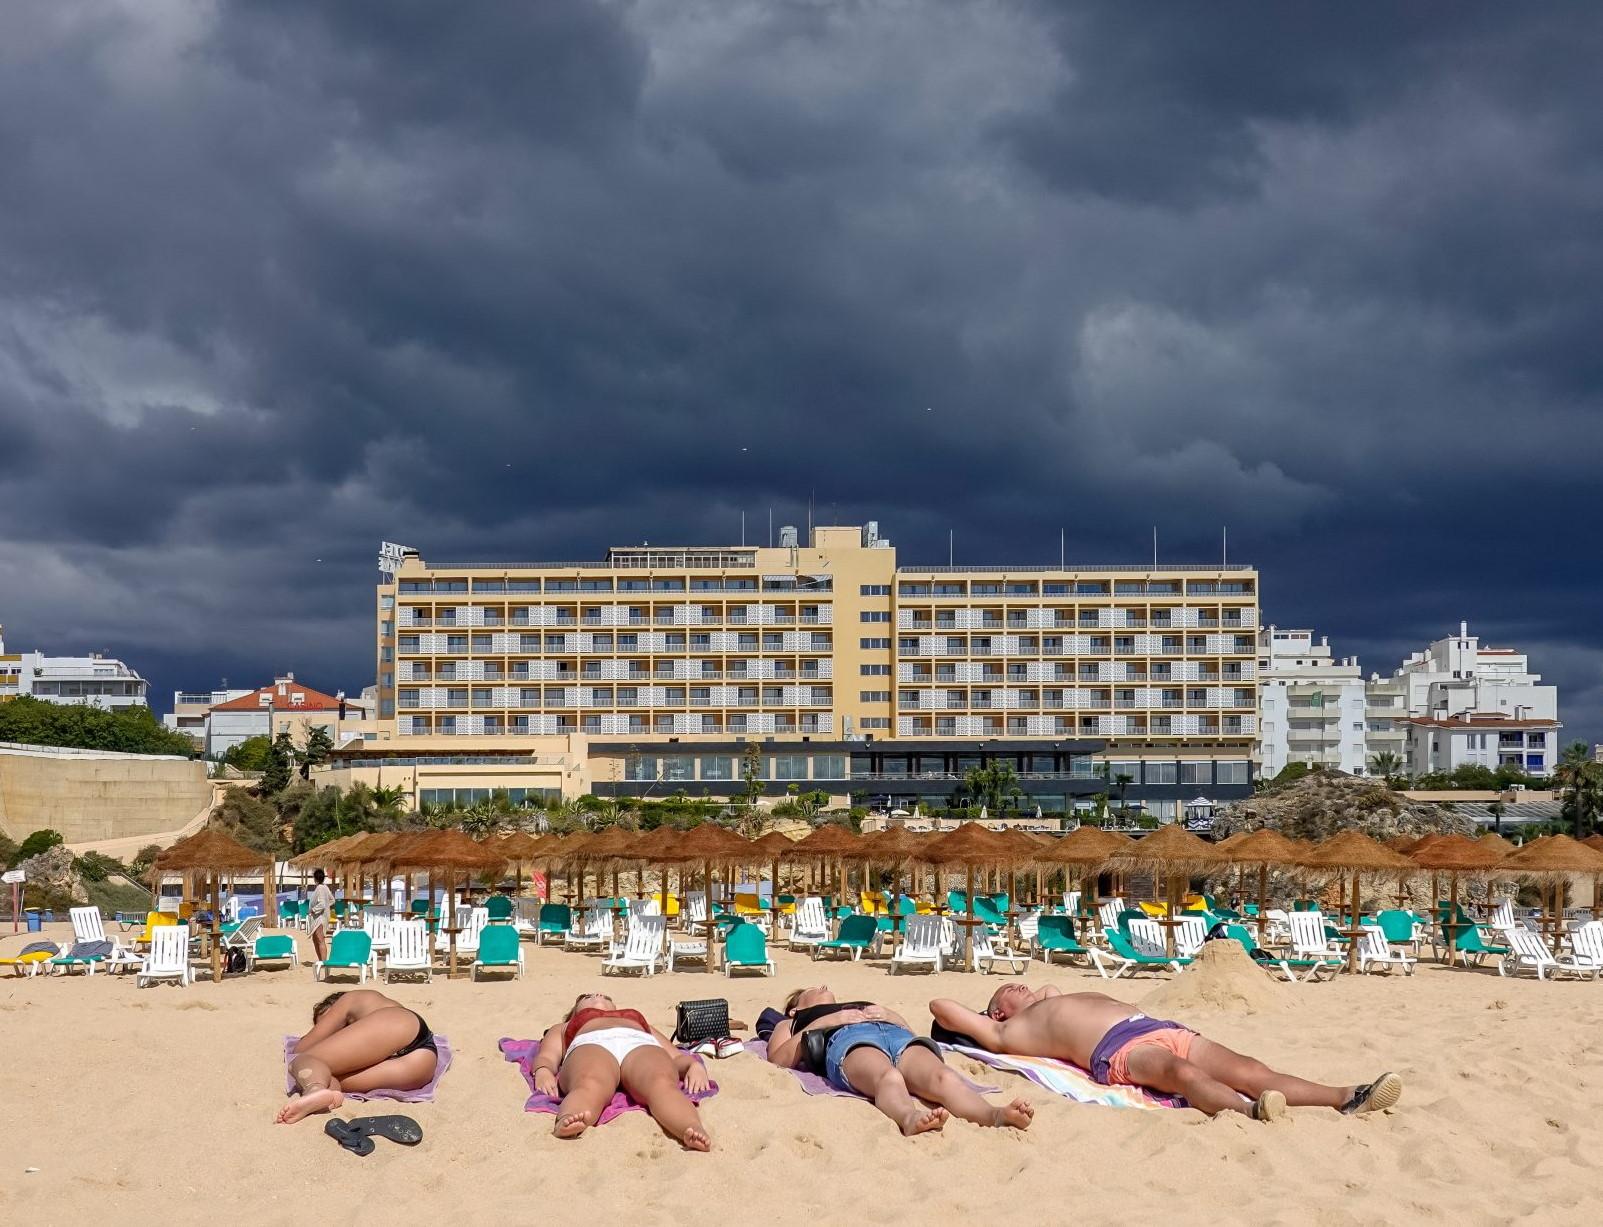 czworo plażowiczów leżących beztrosko, nieświadmomych nadciągającej apokalipsy